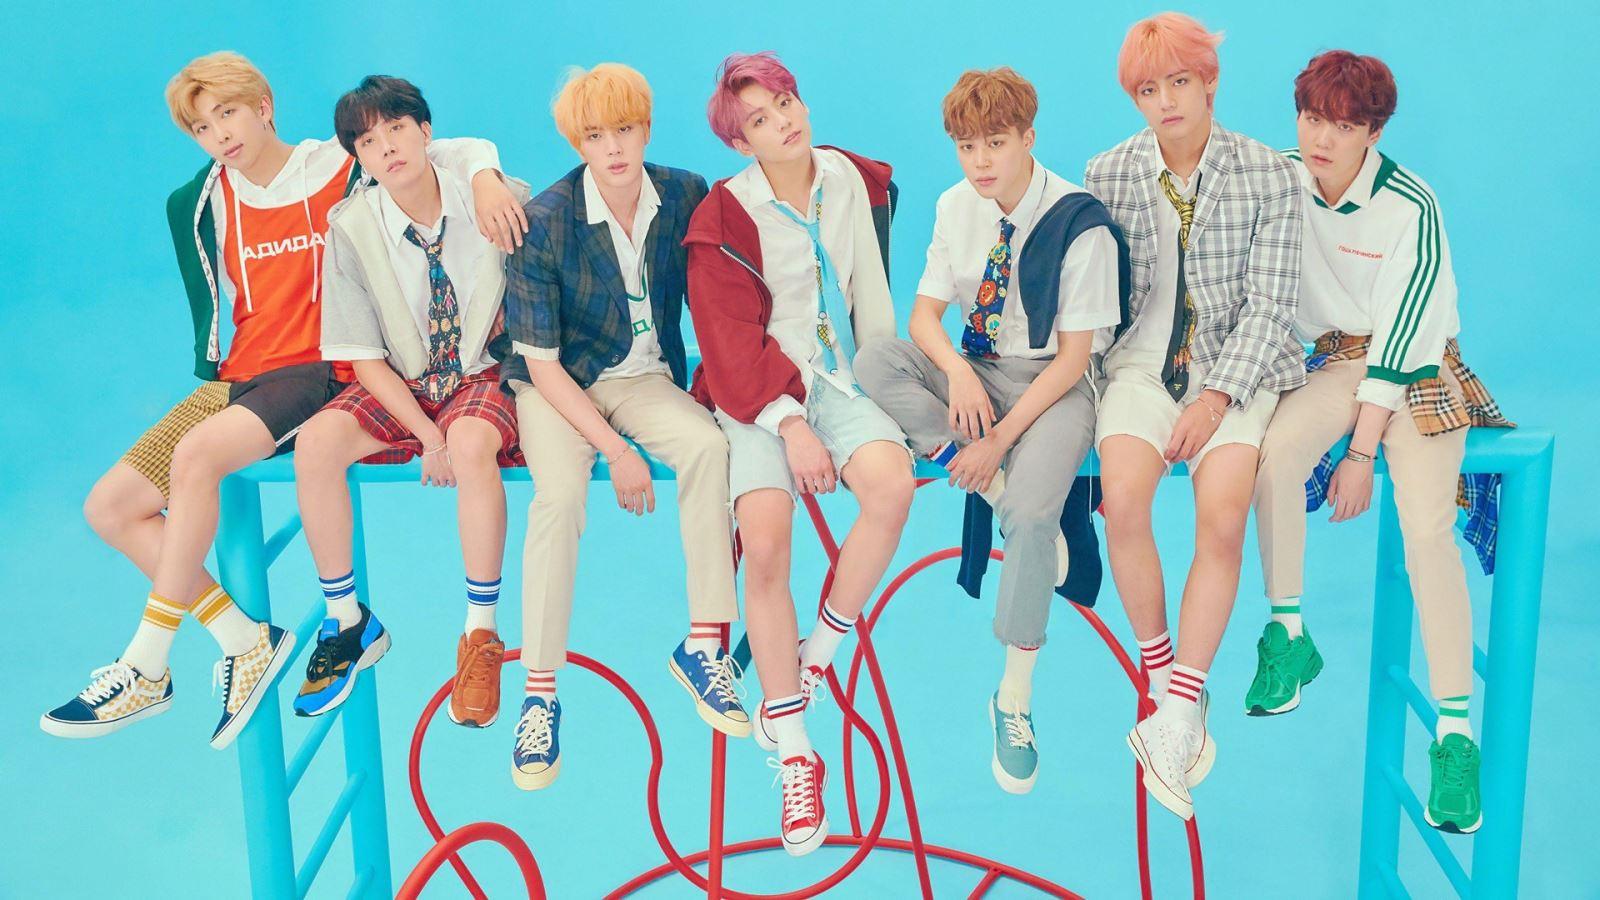 BTS, Run BTS, xem Run BTS tập 89, tập mới nhất Run BTS, BTS V, ảnh BTS, tin tức BTS, V Run BTS tập 89, link xem show Run BTS, V tiết lộ bài hát chủ đề